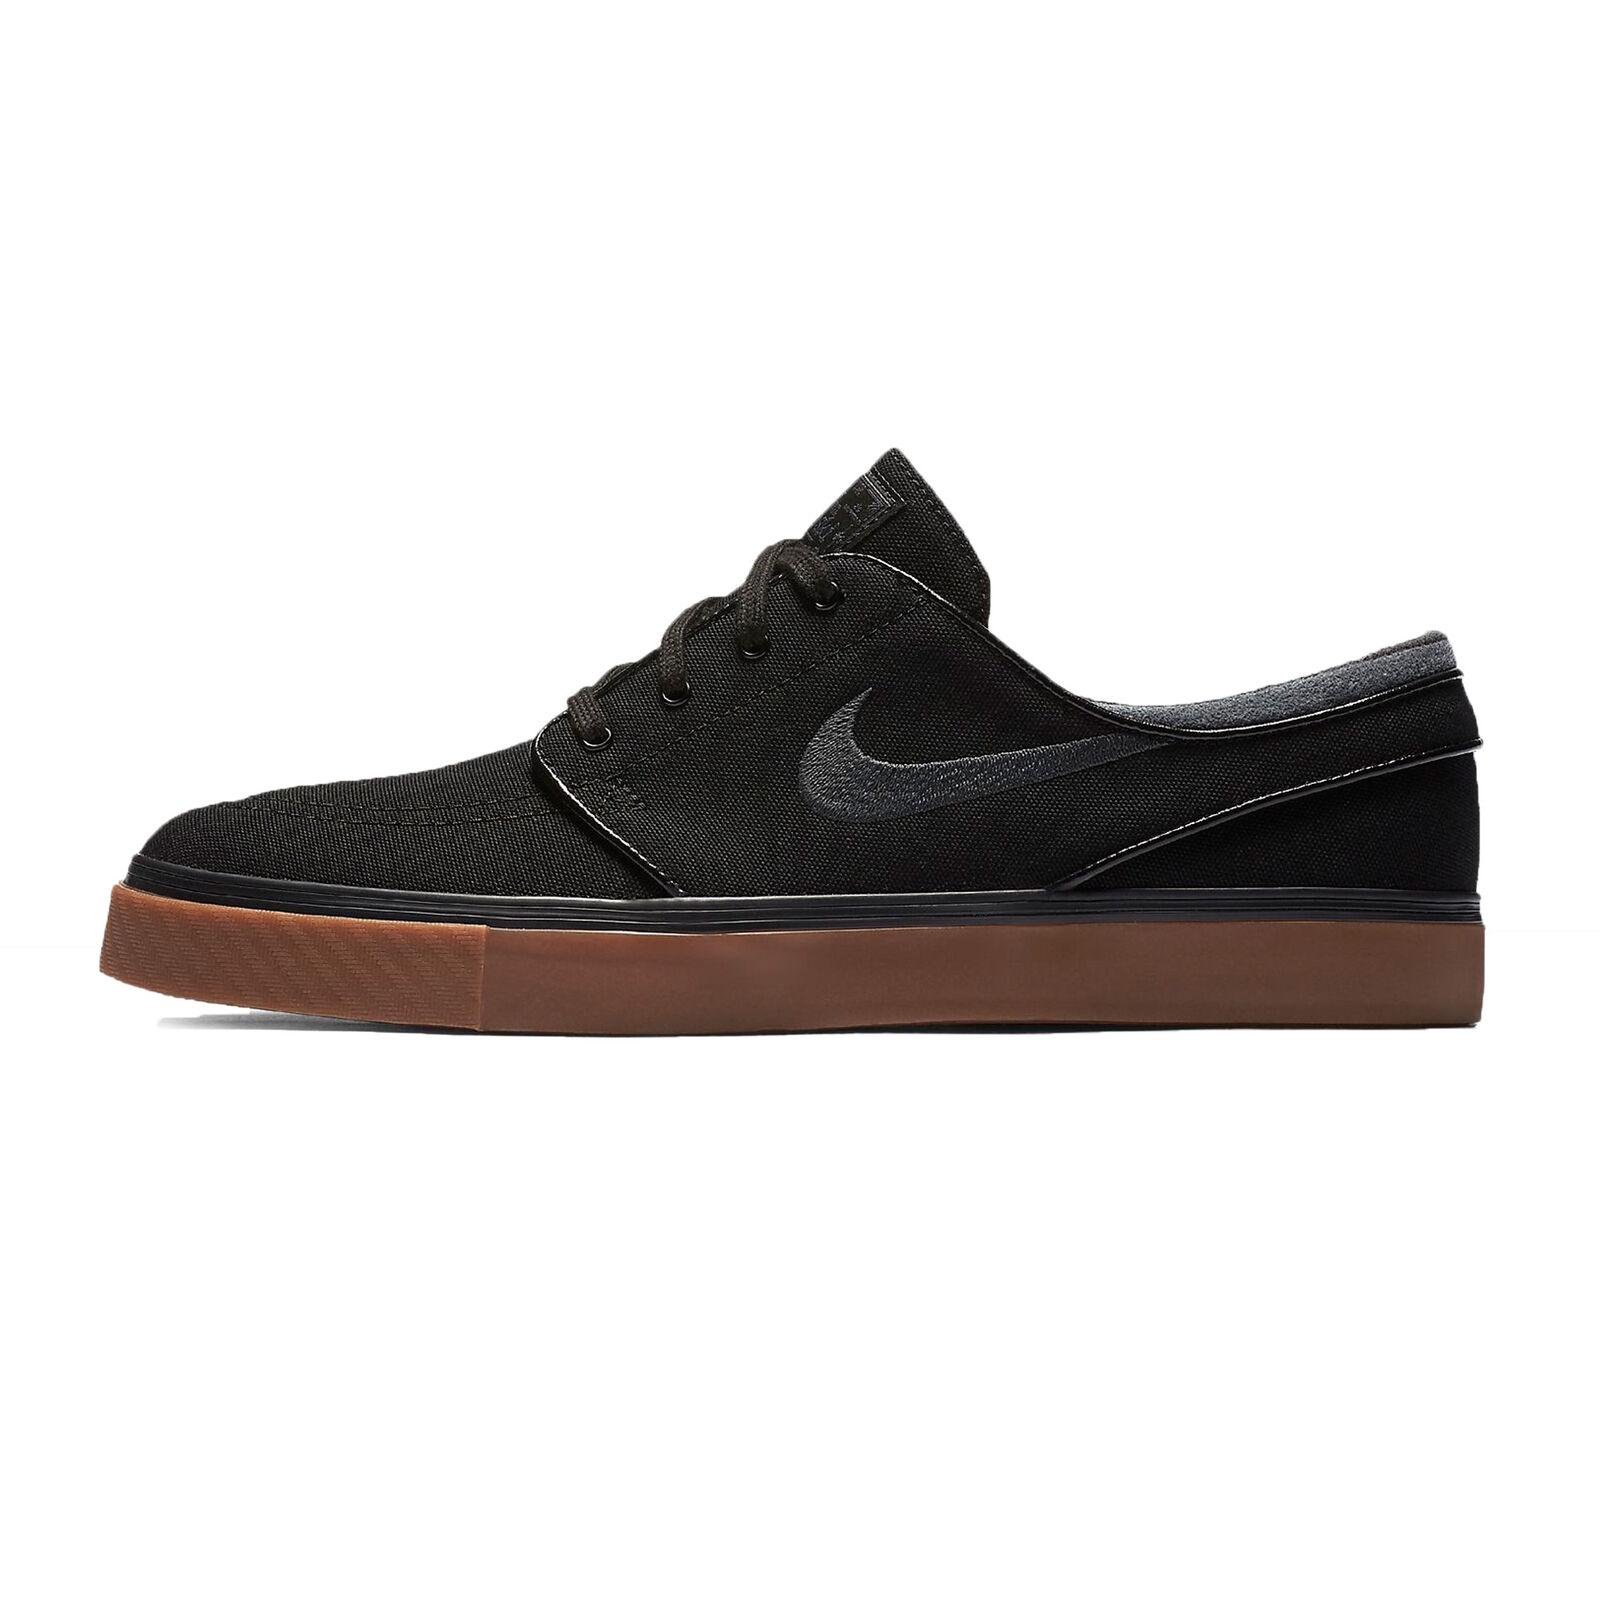 NIKE ZOOM STEFAN Trainers JANOSKI CNVS 615957-020 Skateboard Skate Trainers STEFAN Sport Shoe 650c28